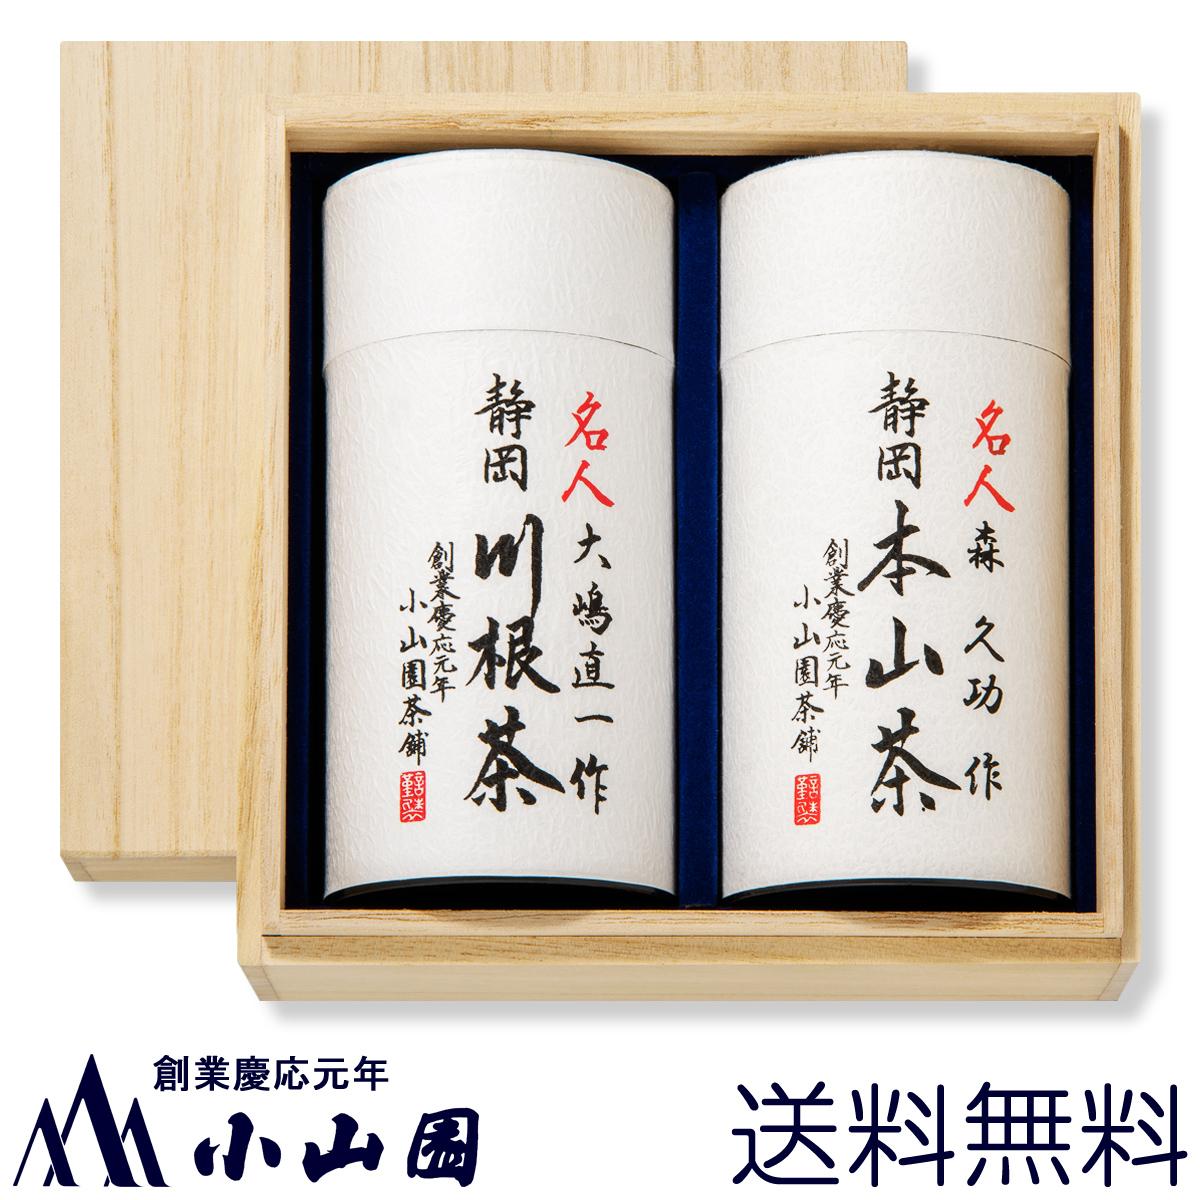 【全国送料無料】大嶋 直一 作「川根茶」・森 久功 作「本山茶」詰合せ